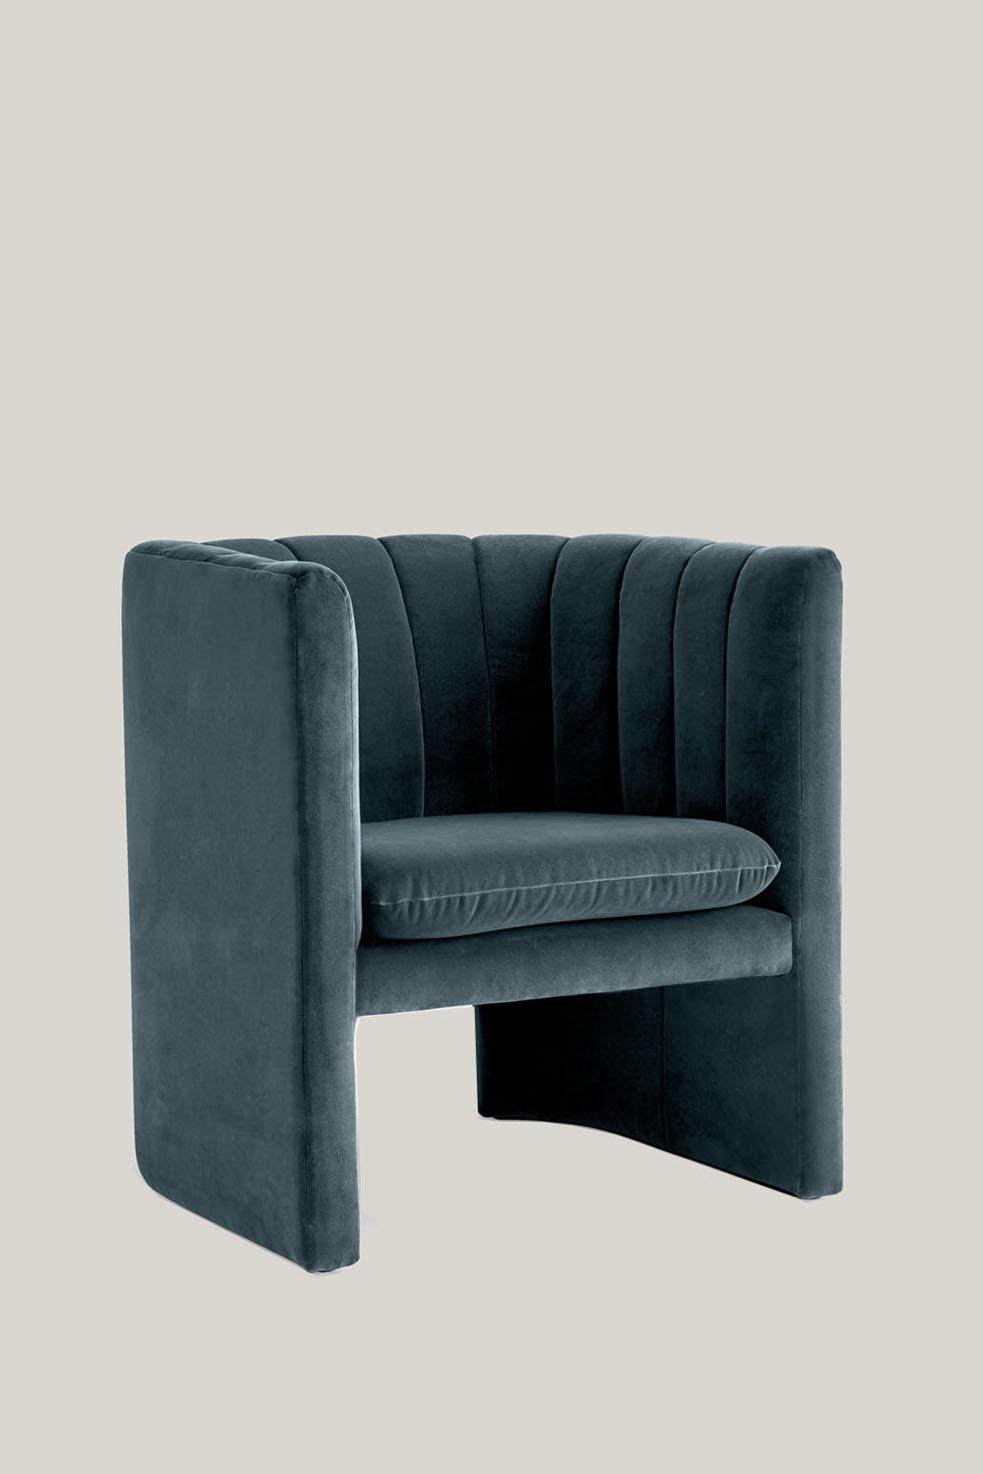 Loafer Chair SC23 Blue Velvet